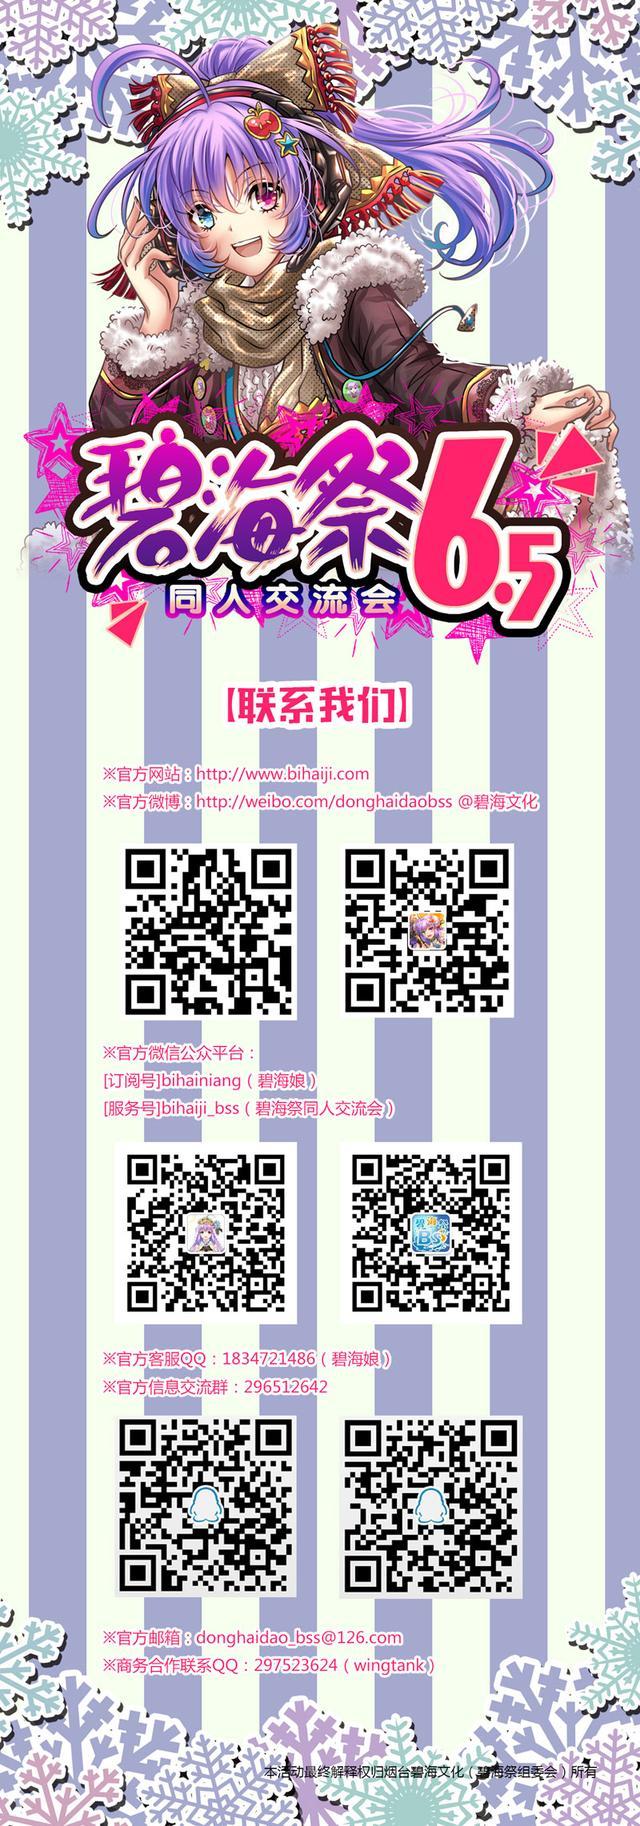 烟台碧海祭BSS6.5——缤纷新年季 漫展 第6张